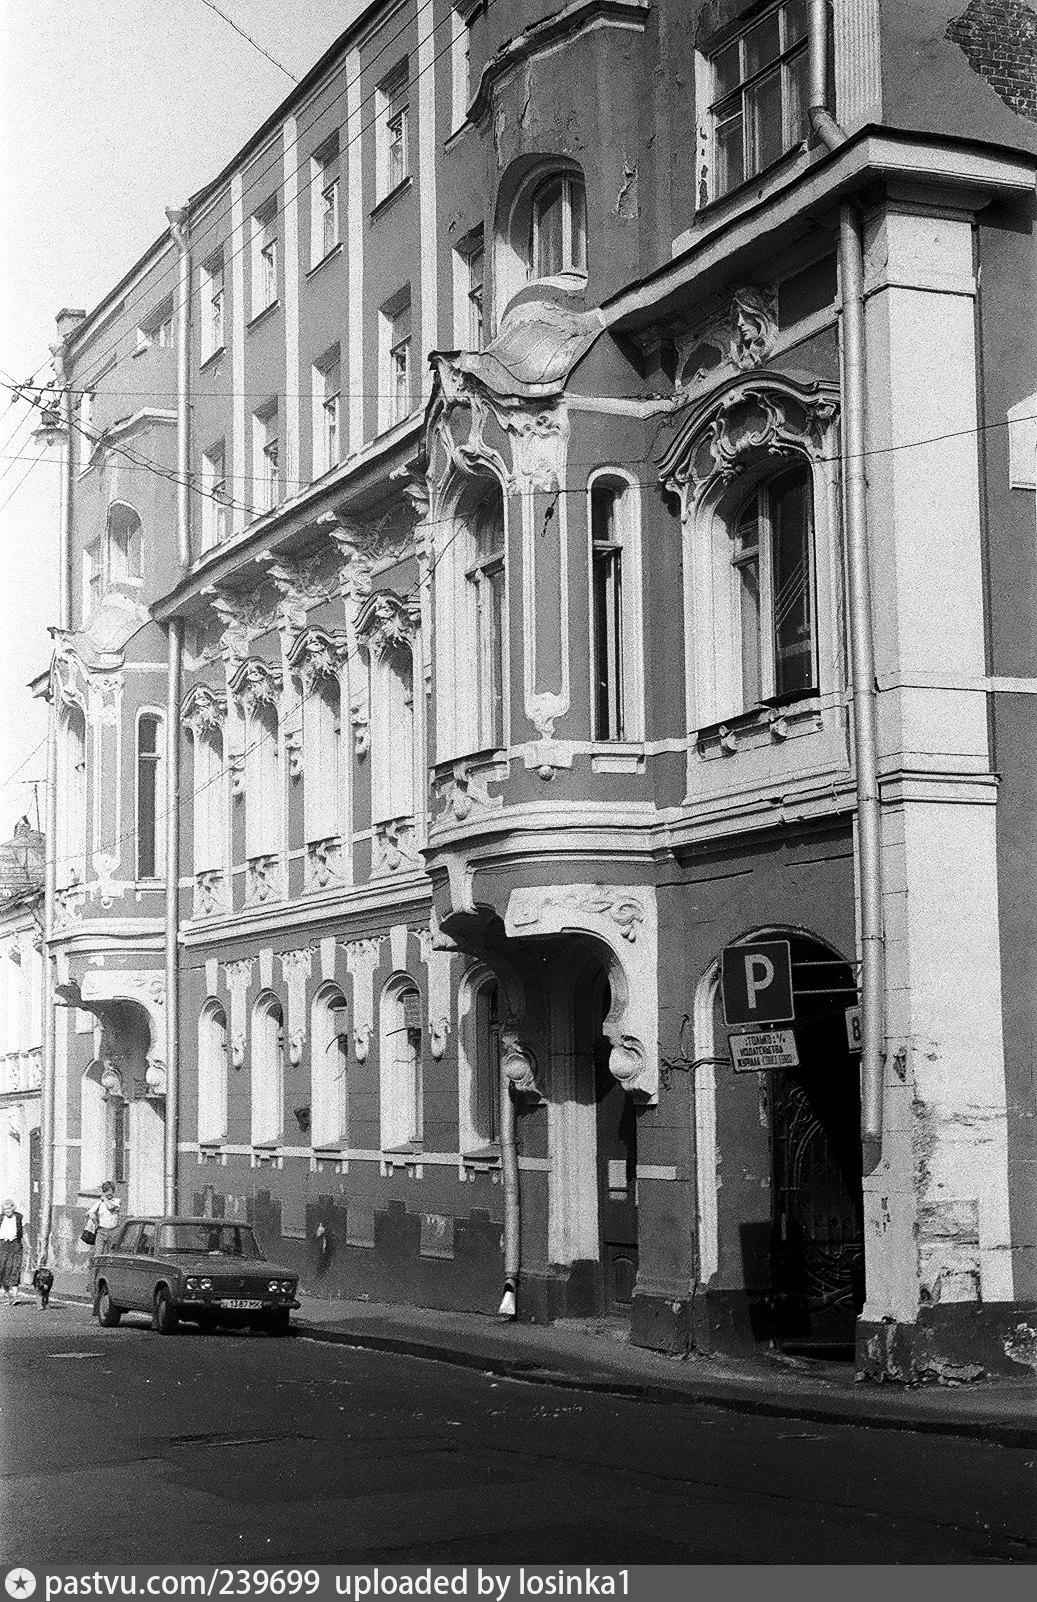 1990 год. Здание тогда было выкрашено в красно-белый цвет. Окна подвального этажа заделаны, над окнами надстроенных этажей нет лепнины, но между окон есть вертикальные тяги, на арке ворот нет виньетки с именем владельца дома.